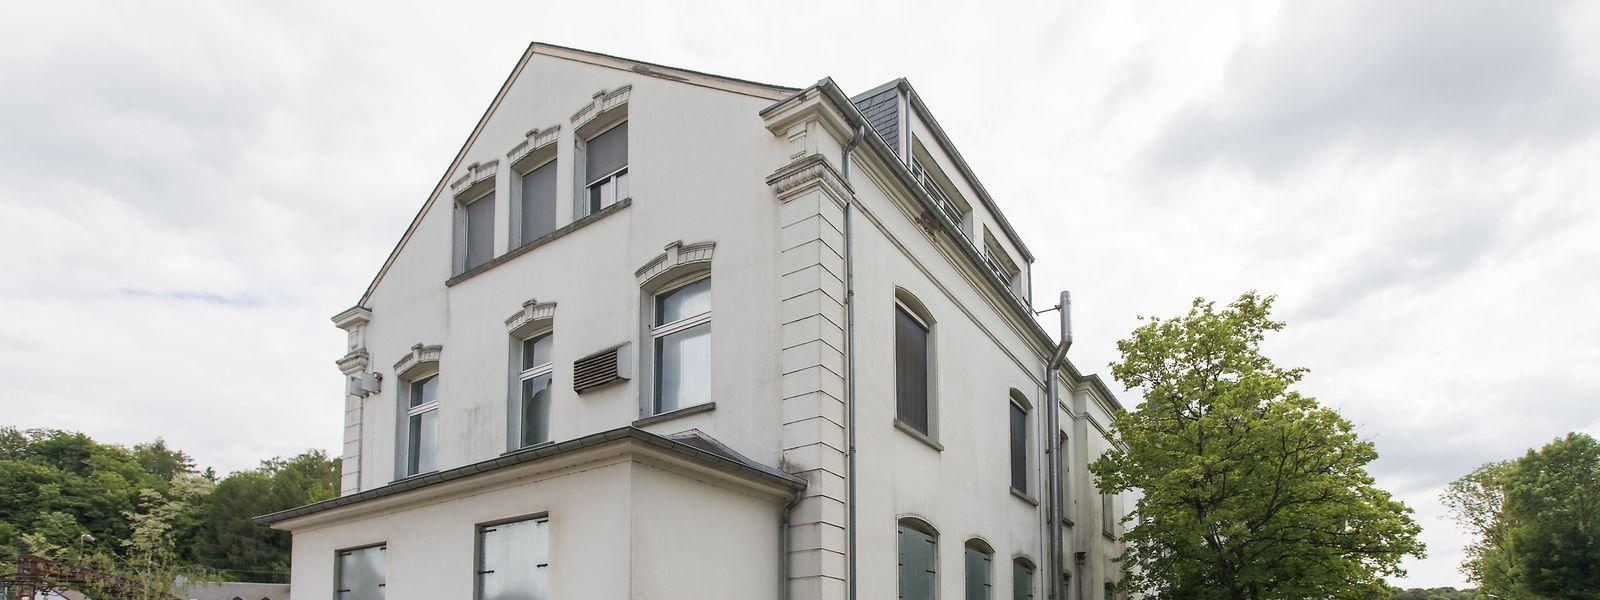 Raum für Kreativität: Bevor auf der Brache Esch-Schifflingen das Quartier Alzette entsteht, werden die alten Gemäuer des ehemaligen Arbed-Direktionsgebäudes anhand von Kunstprojekten neu belebt.